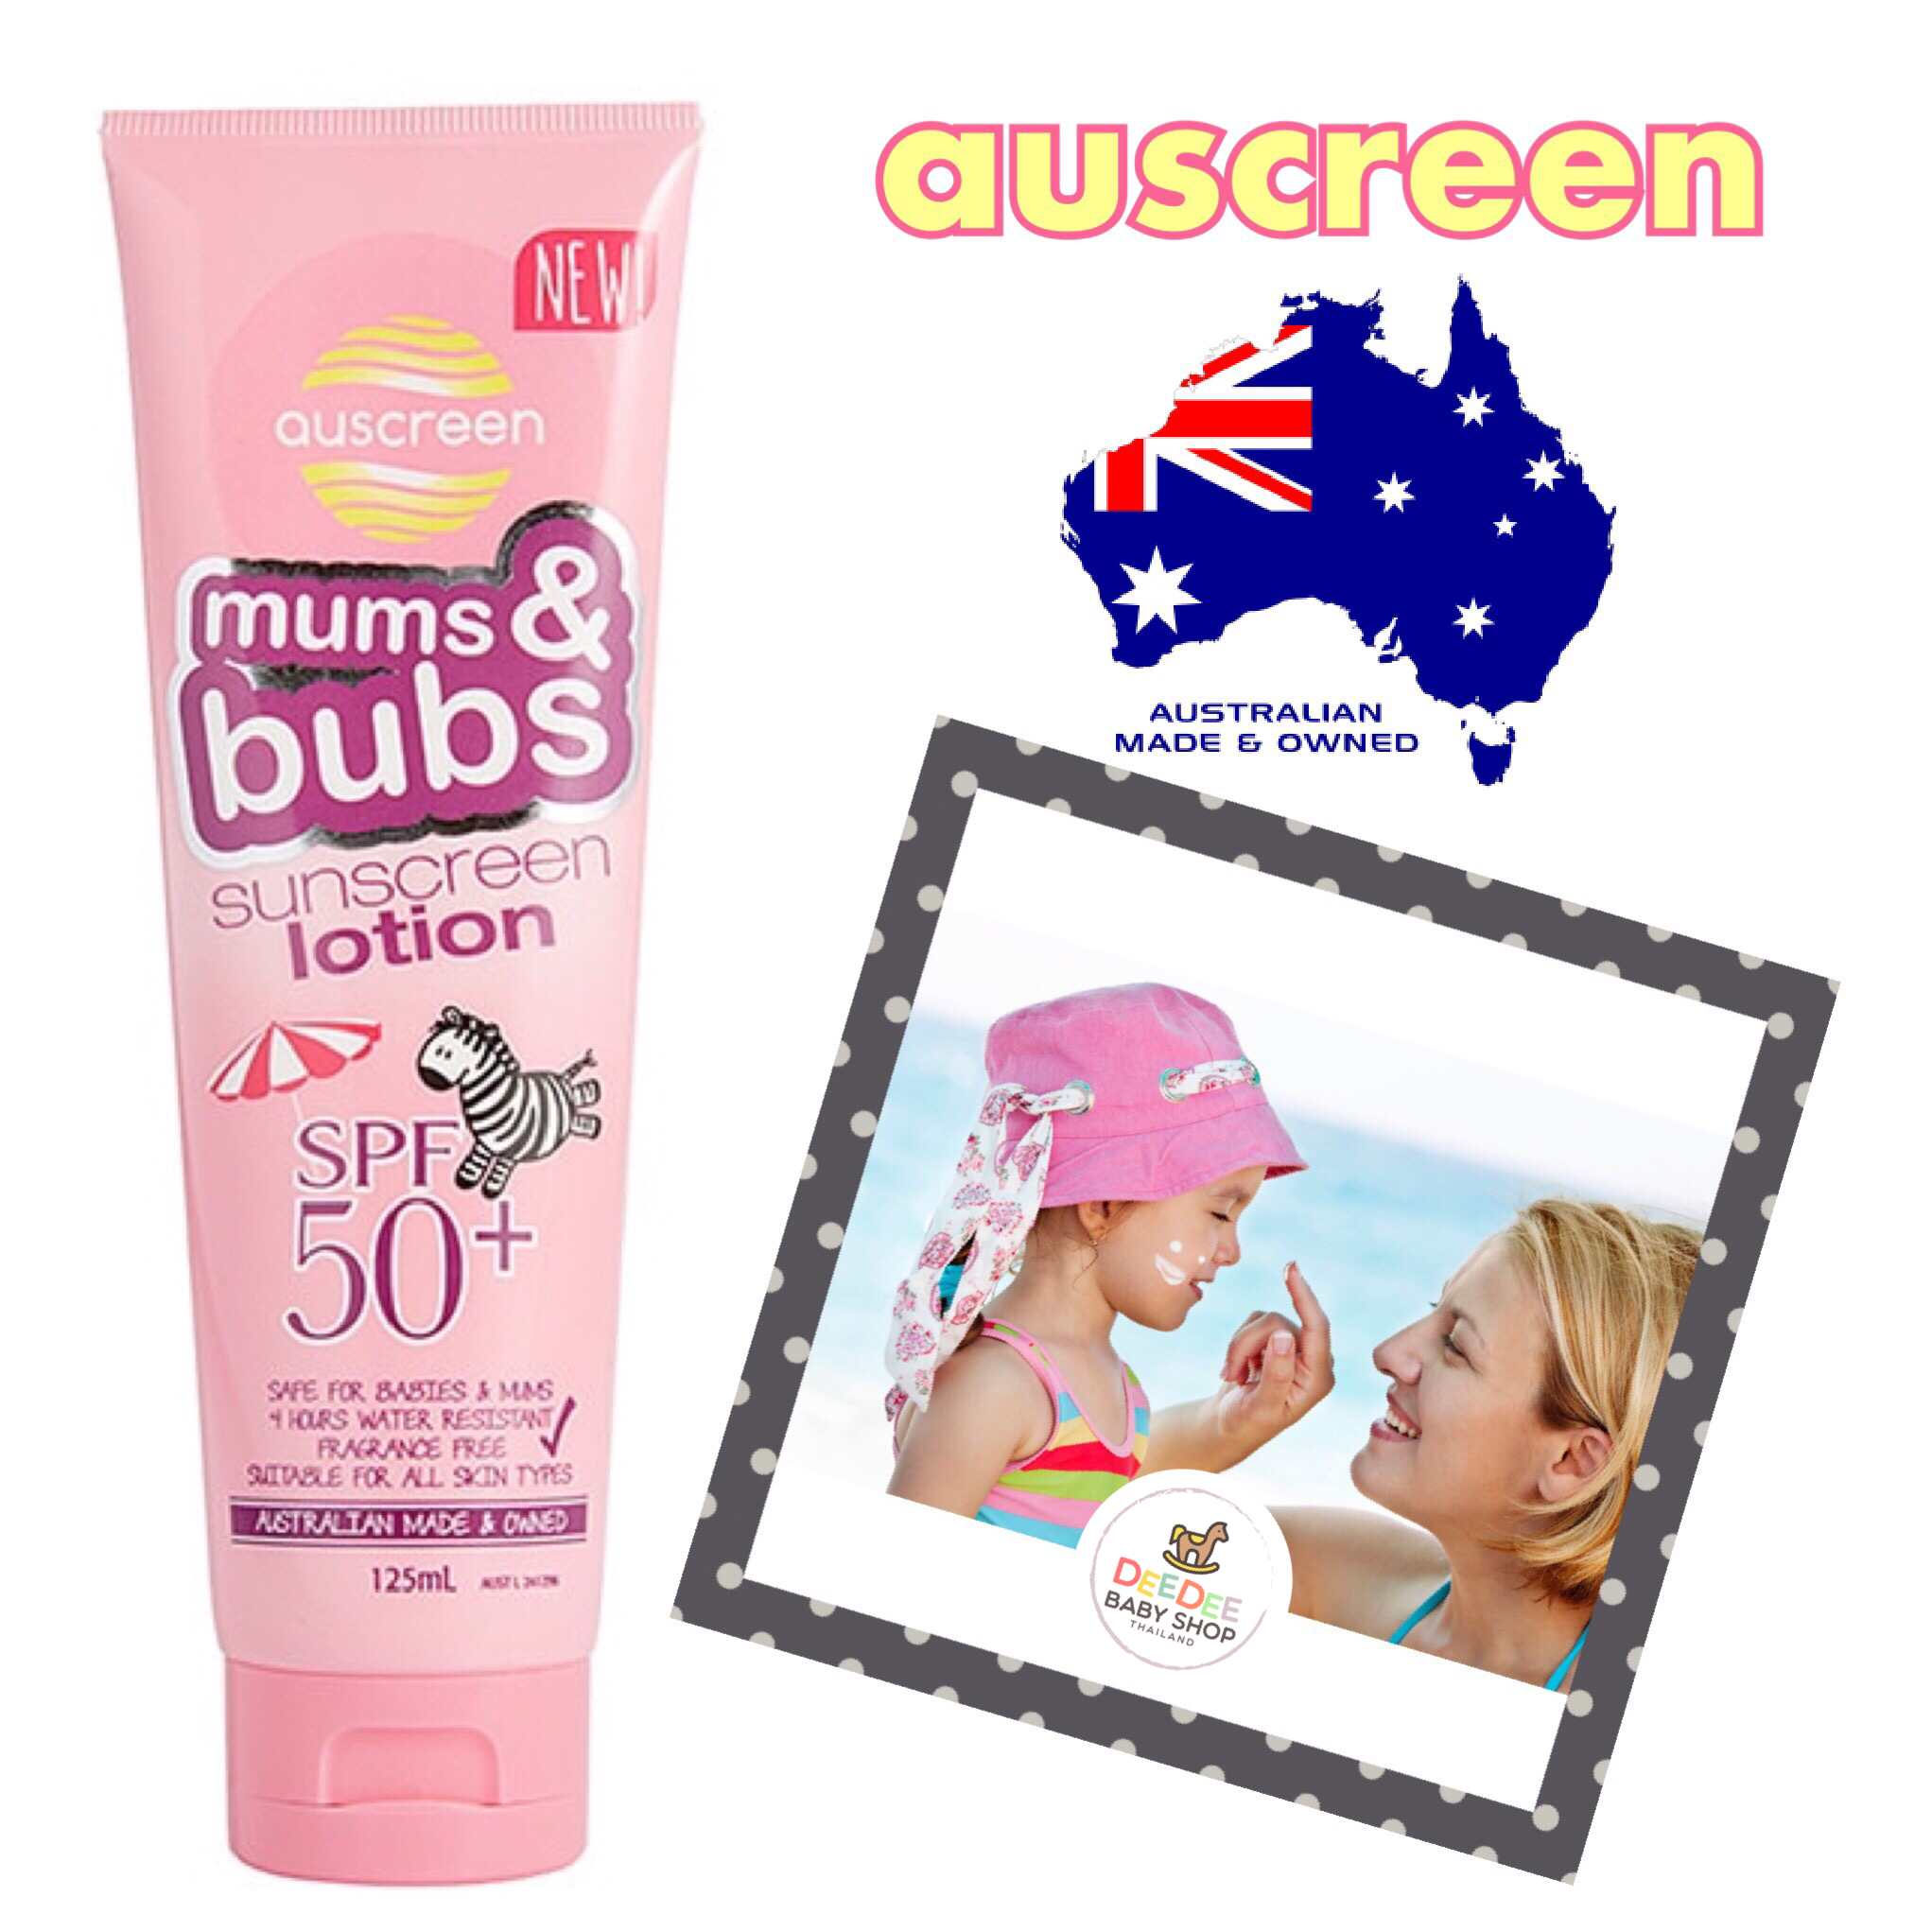 โลชั่นกันแดดพร้อมบำรุงผิวสำหรับคุณแม่และเบบี๋ auscreen รุ่น Mums & Bubs Sunscreen Tube Lotion SPF50+